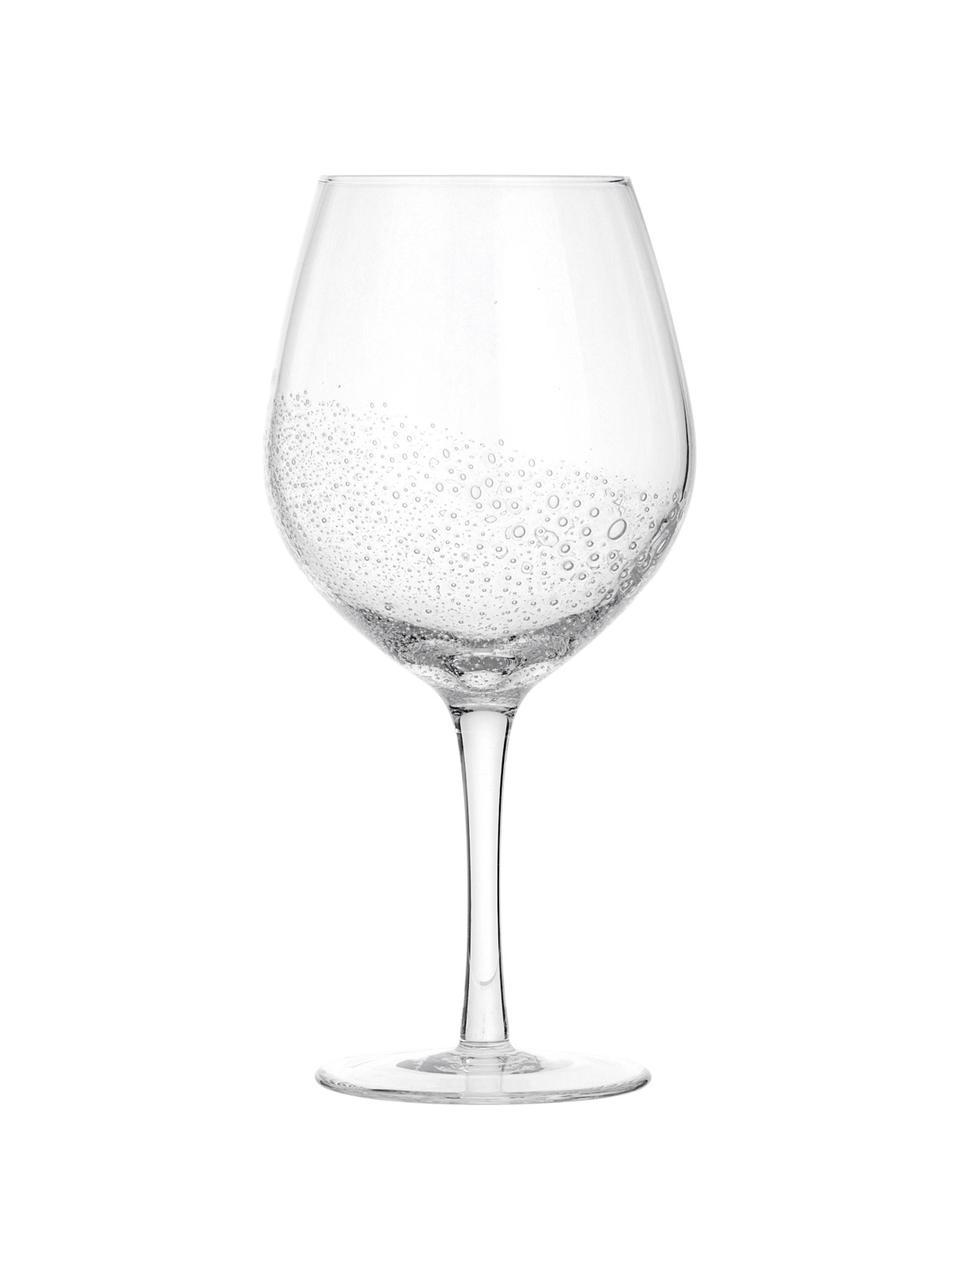 Mondgeblazen rode wijnglazen Bubble, 4 stuks, Mondgeblazen glas, Transparant met luchtbellen, Ø 10 x H 22 cm